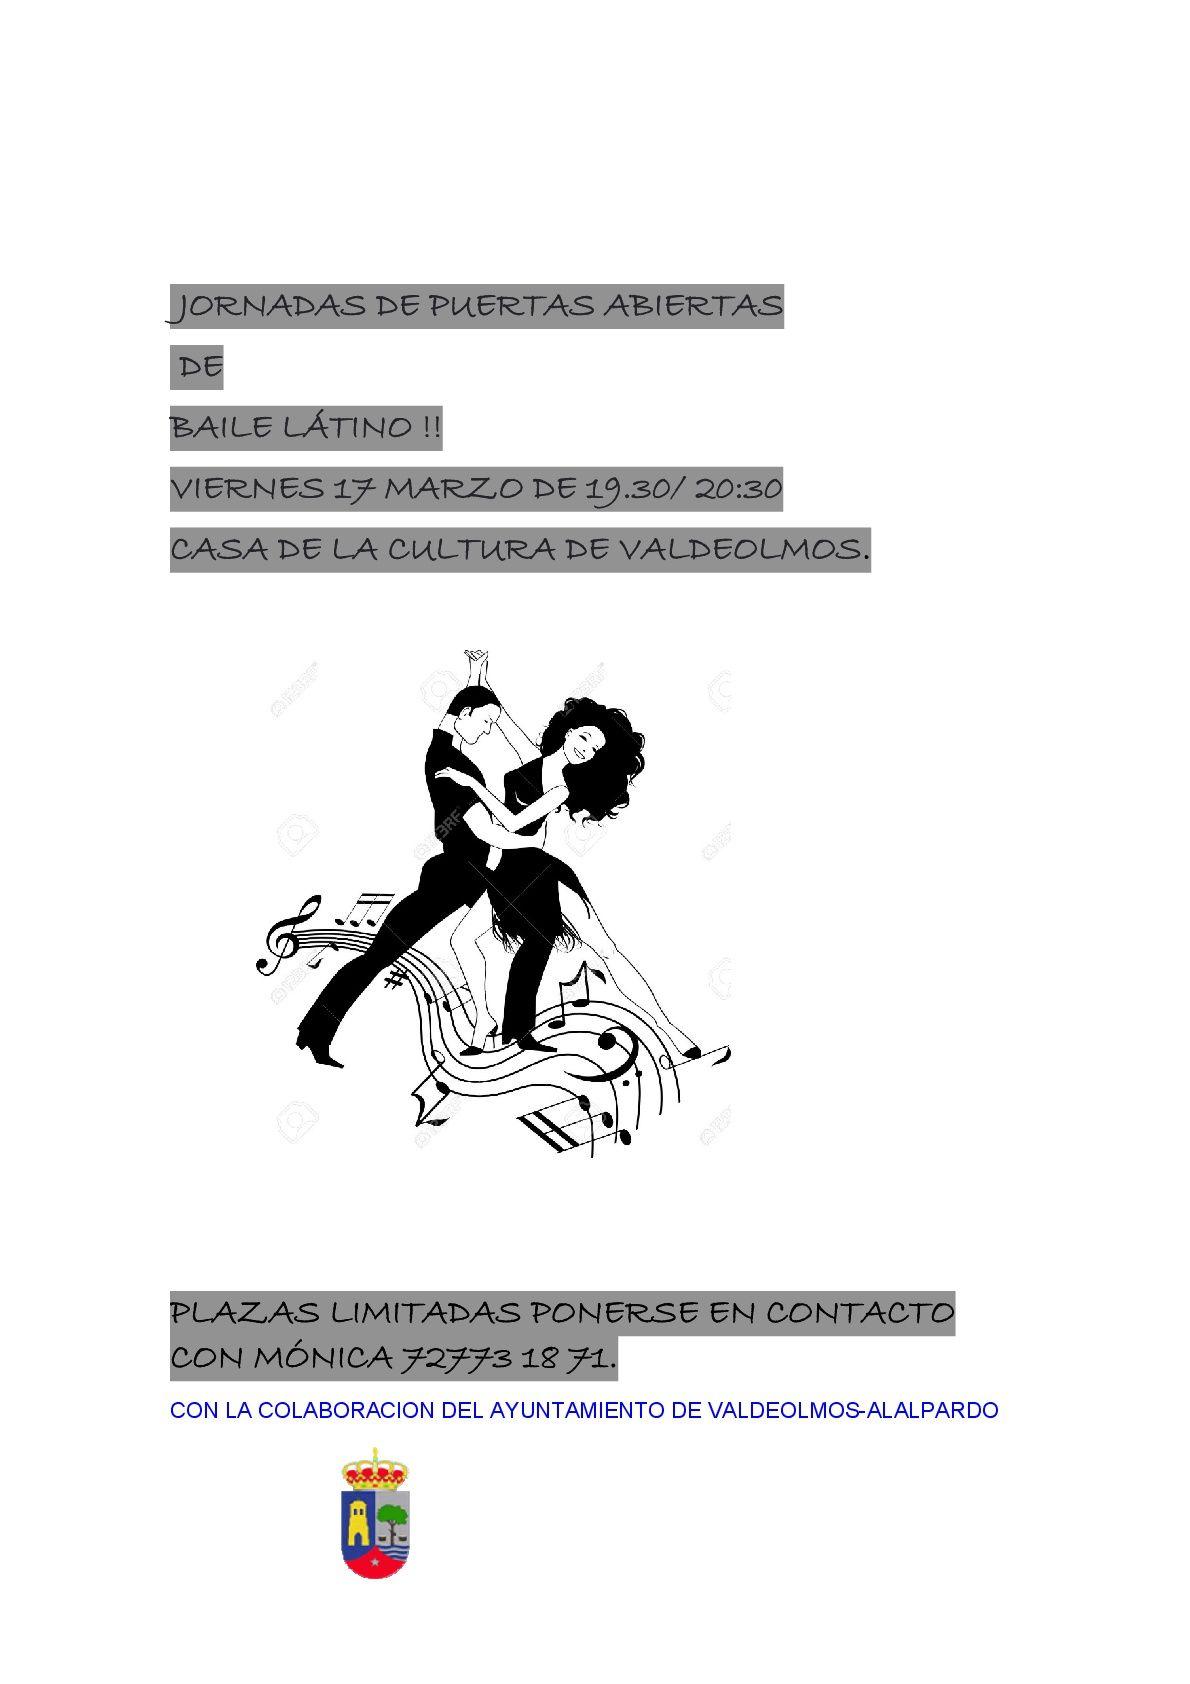 CLASES DE BAILE LATINO-001